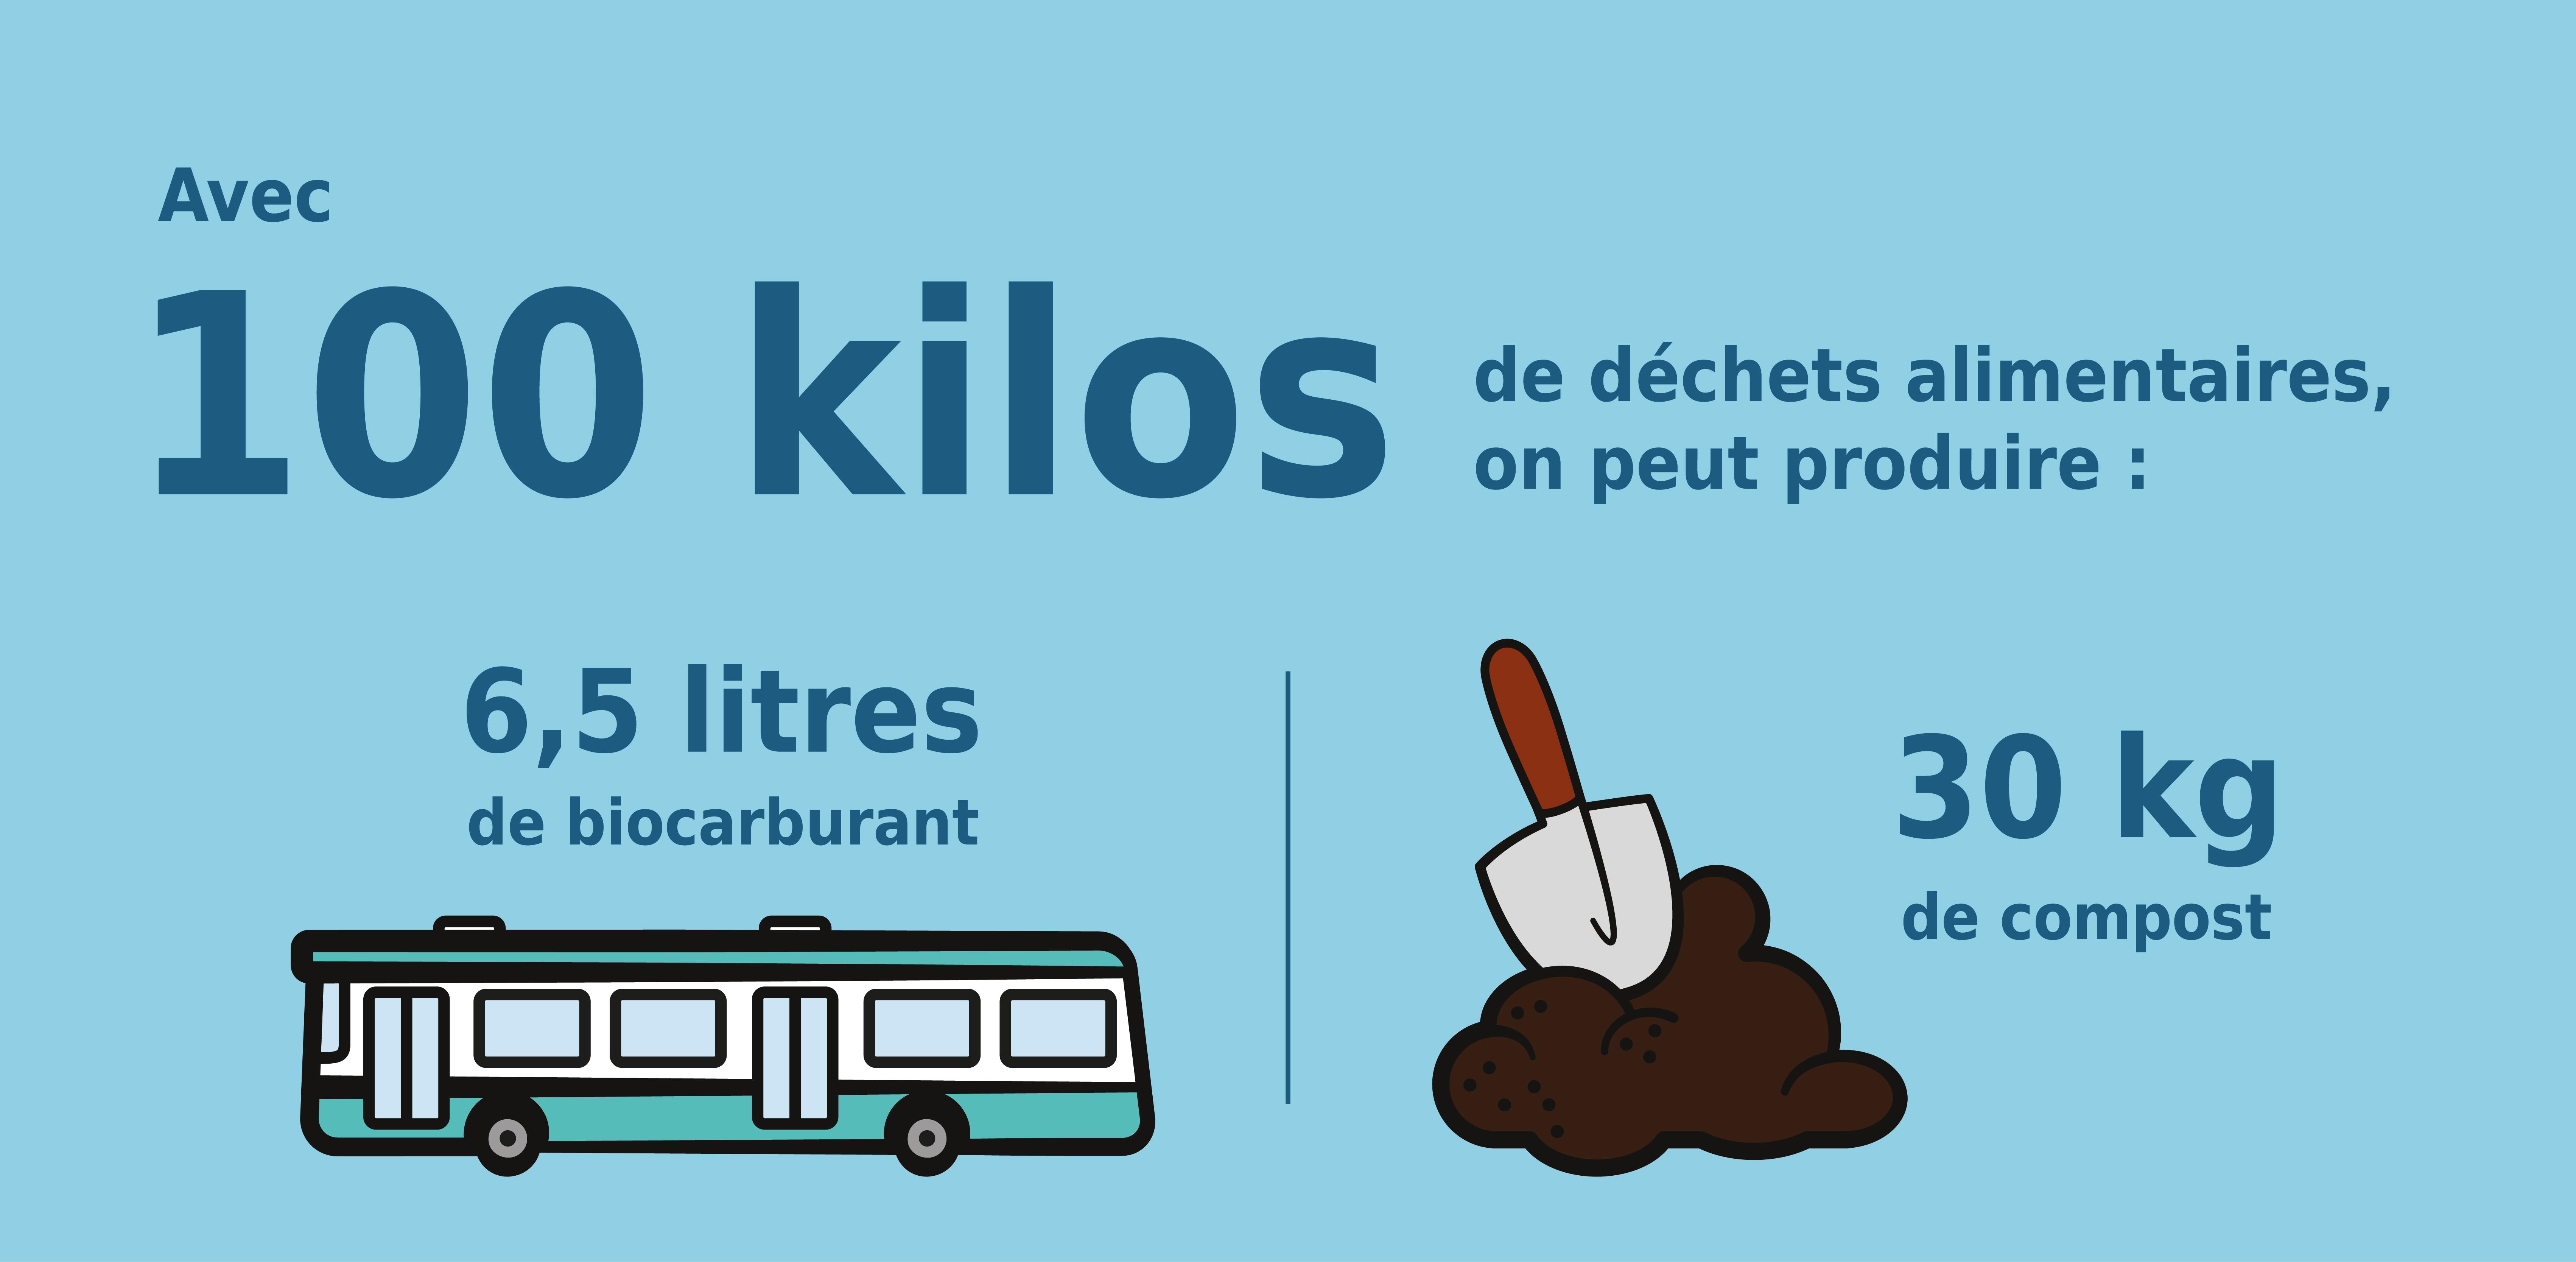 Avec 100 kilos de déchets alimentaires, on peut produire : 6,5 litres de biocarburant 30 kg de compost